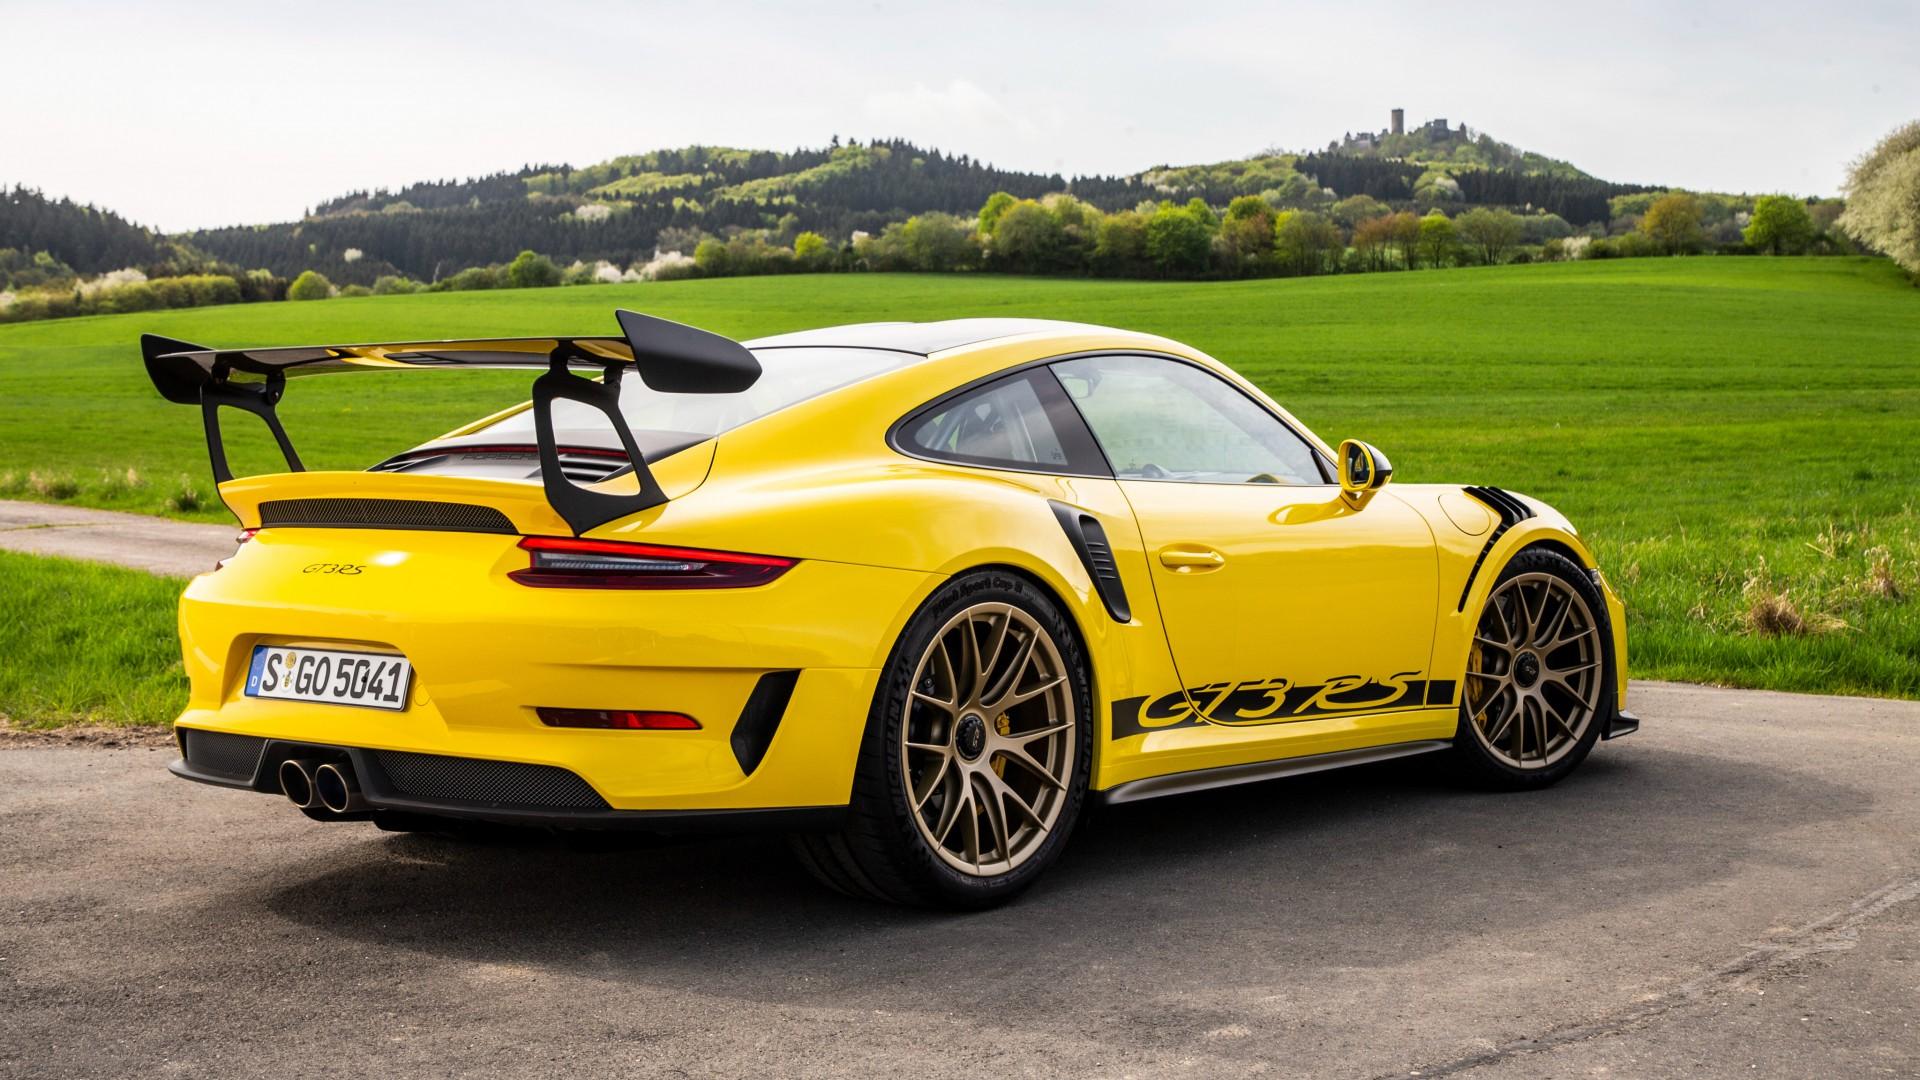 2018 Porsche 911 Gt3 Rs Weissach Package 4k 2 Wallpaper